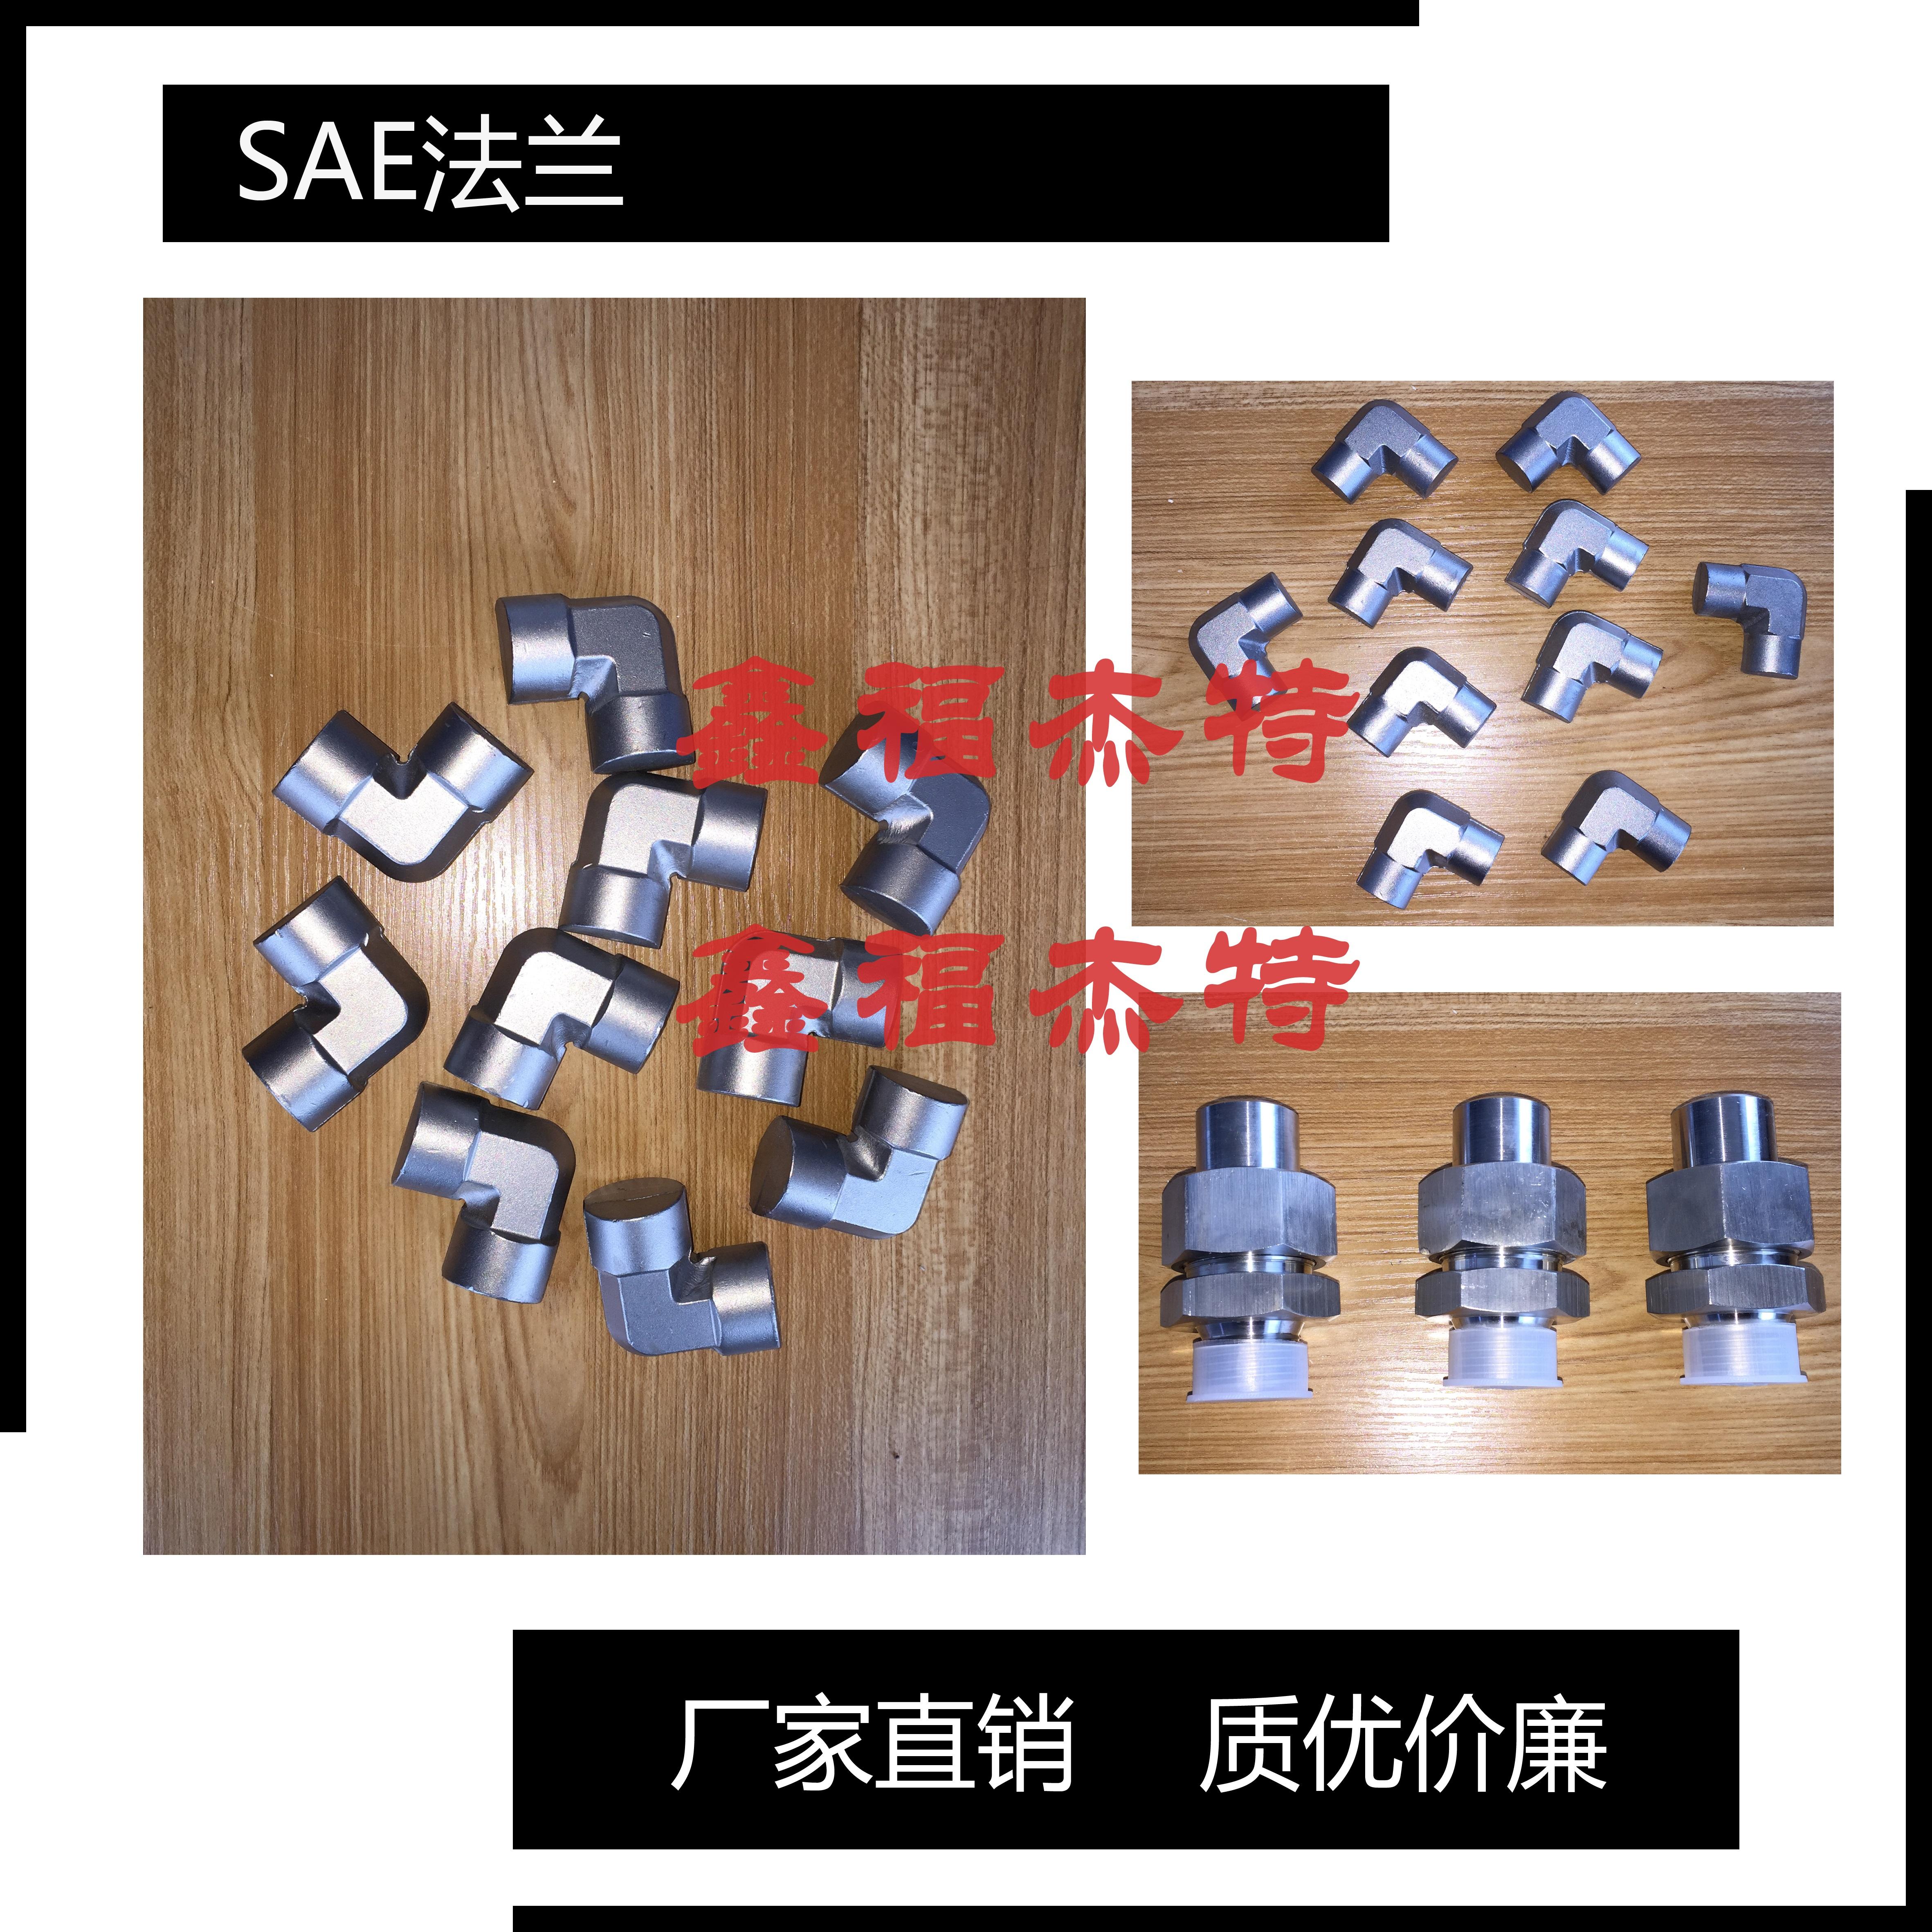 SAE法兰内锥90°  碳钢SAE法兰  不锈钢SAE法兰  SAE对开发兰